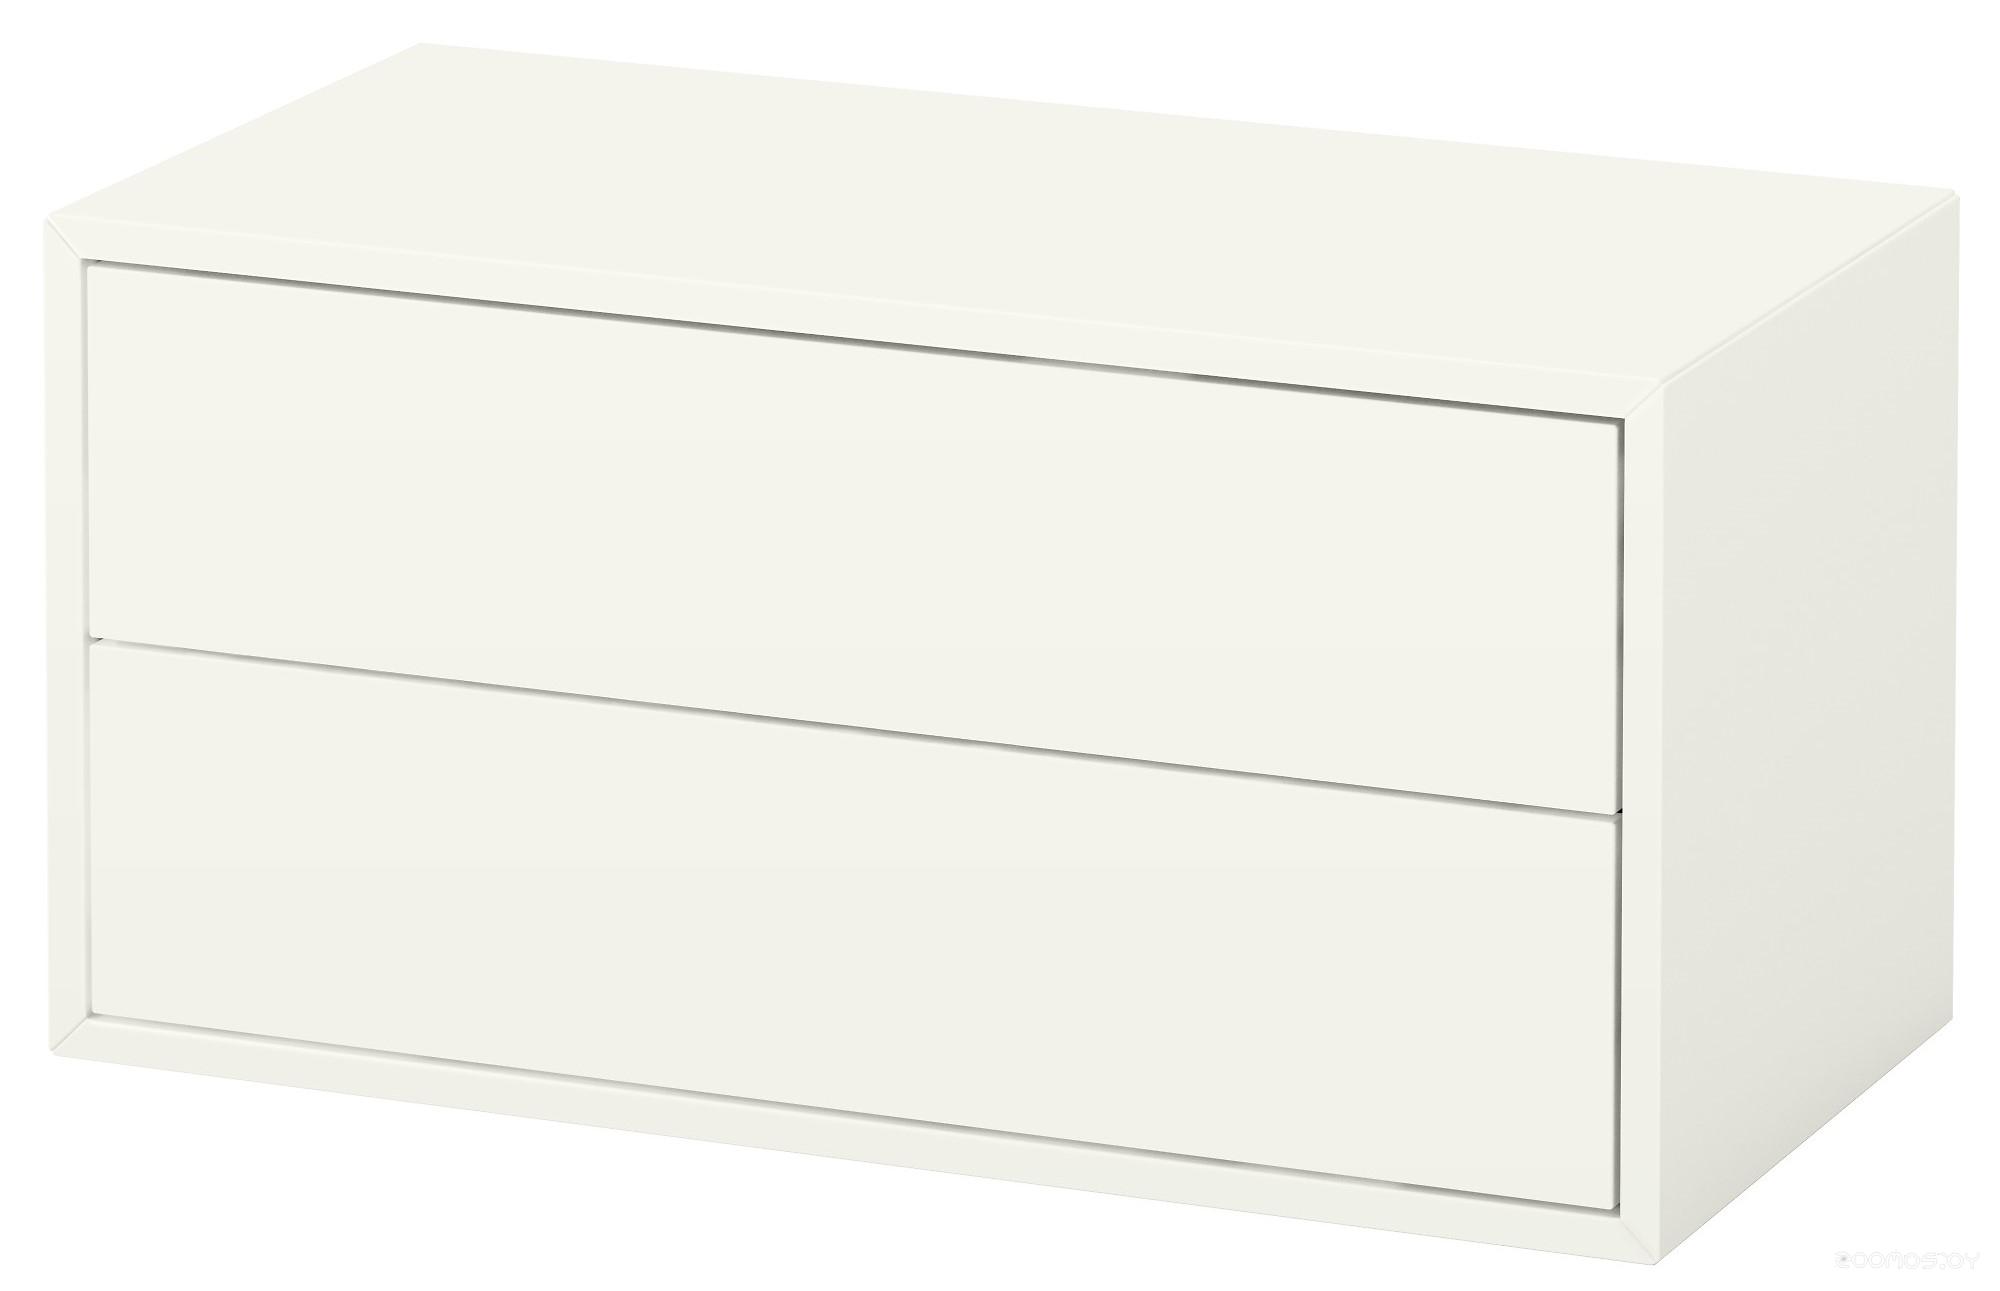 Шкаф 2-х секционный Ikea ЭКЕТ